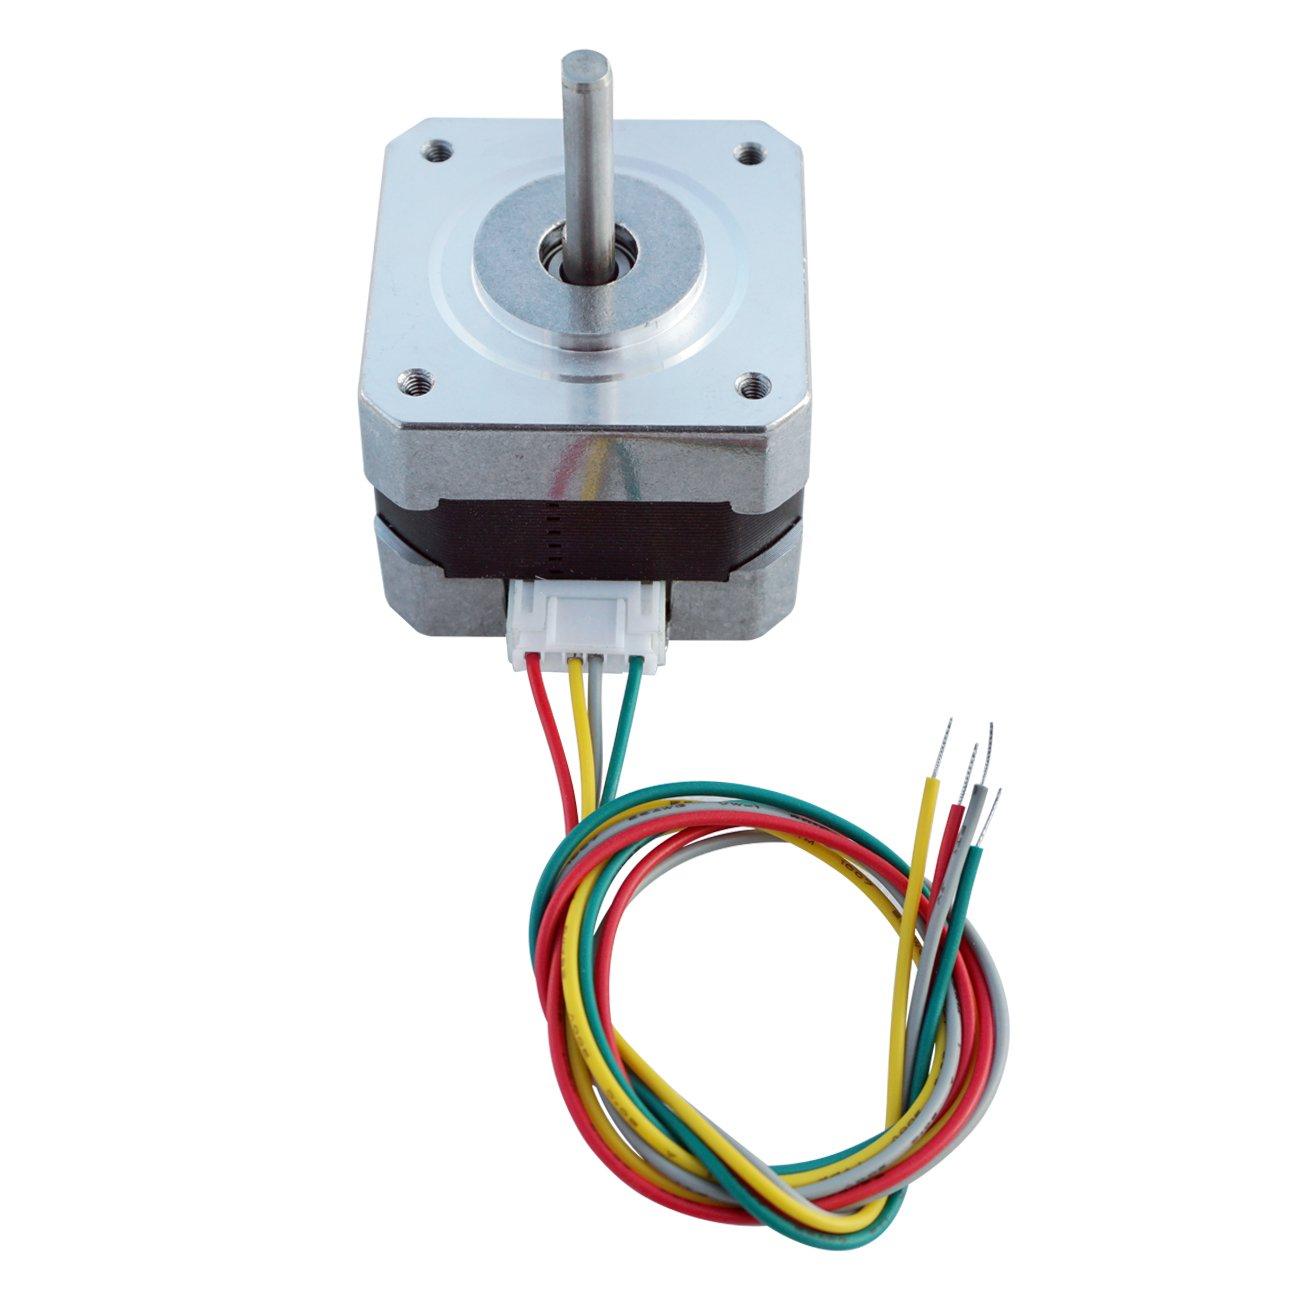 ECO-WORTHY 5 PCS Nema 17 12V High Torque Stepper Motors Kits 26Ncm 0.4A Draw DIY CNC